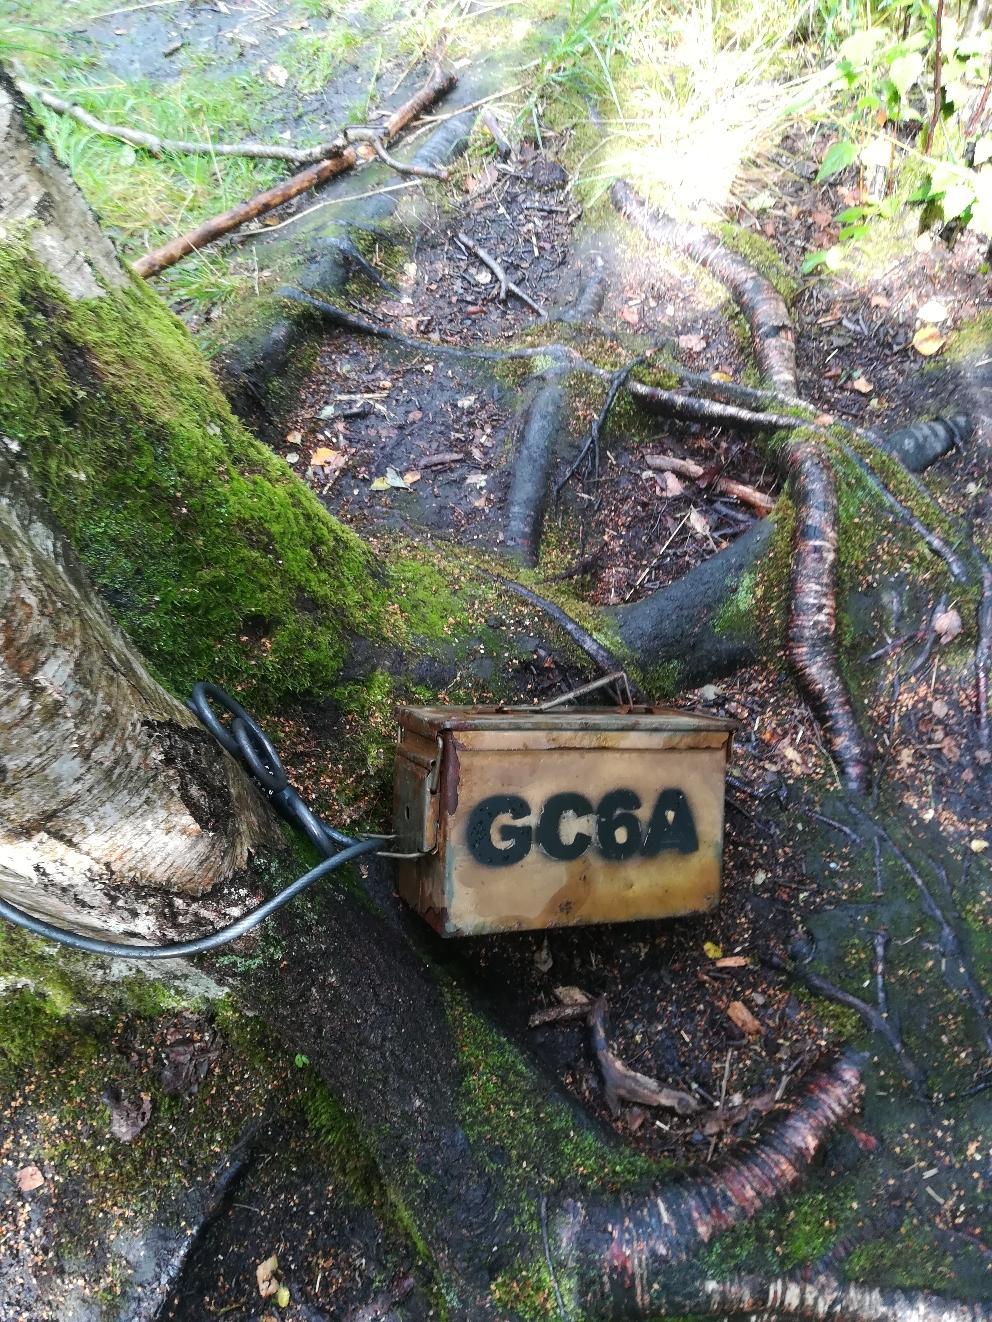 GC6A - Einer der der ältesten aktiven Caches in Europa